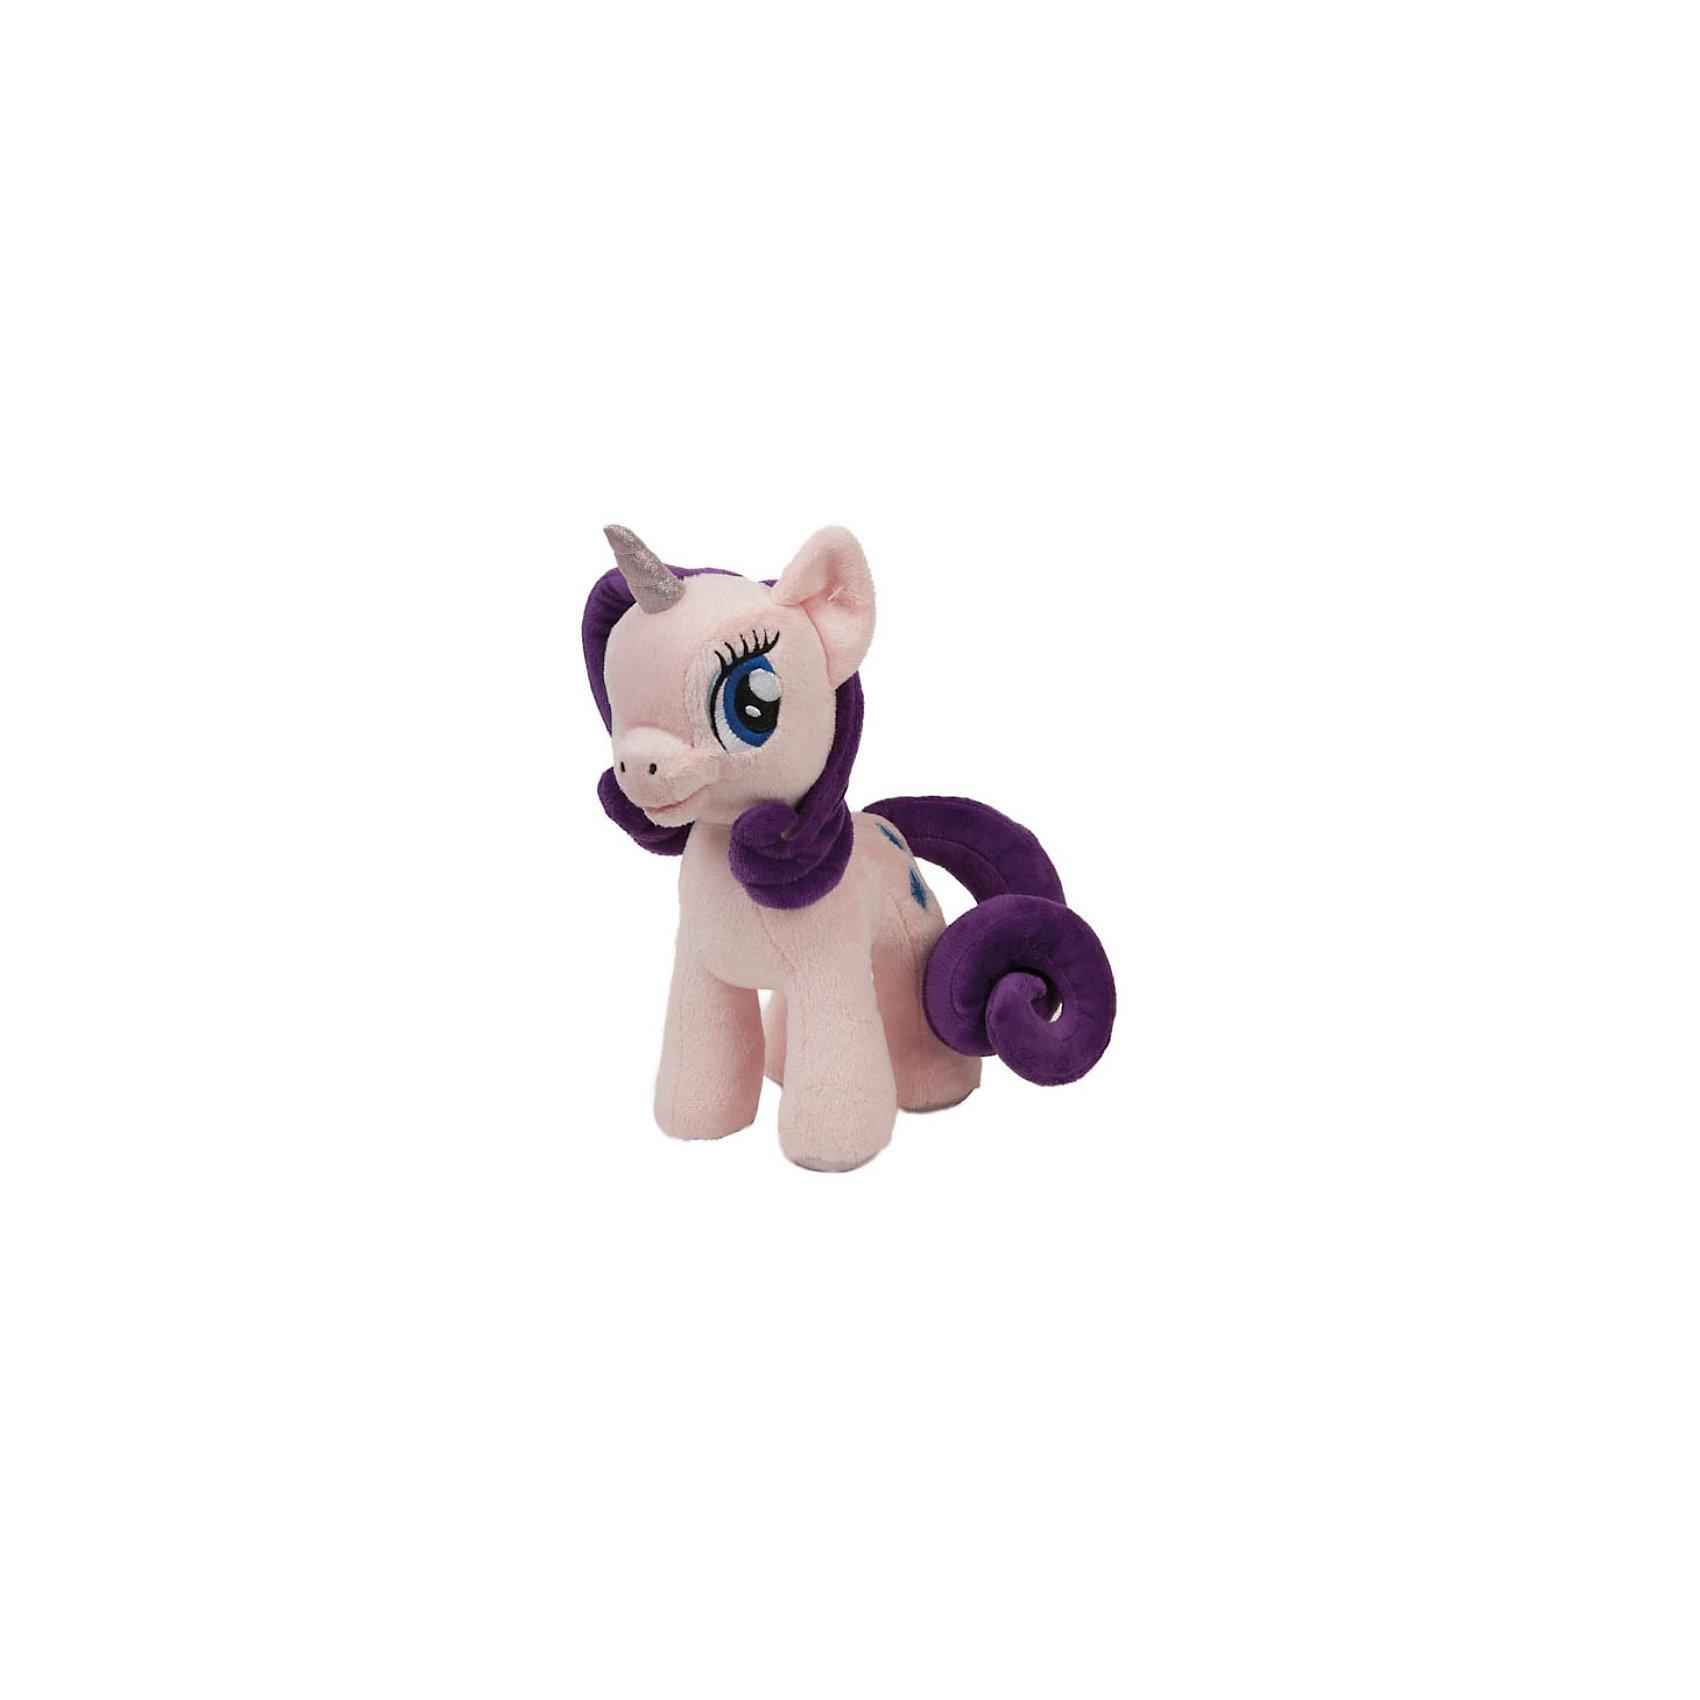 Пони Рарити, со светом и звуком, My little Pony, МУЛЬТИ-ПУЛЬТИМягкая игрушка Пони Рарити, My little Pony от Мульти-Пульти станет замечательным подарком для Вашего ребенка. Пони Рарити (Rarity) - героиня популярного мультсериала Мой маленький пони (My Little Pony) о сказочном городке Понивилле населенном волшебными очаровательными пони. Внешний вид игрушки полностью соответствует своему персонажу: у лошадки сиреневые<br>волнистые грива и хвост, большие глаза и мягкая, приятная на ощупь шерстка. Лошадка озвучена: если нажать ей на лапку она будет произносит фразы и споет песенку из мультфильма, имеются световые эффекты.<br><br>Дополнительная информация:<br><br>- Материал: текстиль, синтепон.<br>- Требуются батарейки: 3 х LR44 (входят в комплект).<br>- Высота лошадки: 23 см.<br>- Размер упаковки: 26 x 12 x 13 см.<br>- Вес: 0,23 кг.<br><br>Мягкую игрушку Пони Рарити, My little Pony (Моя маленькая Пони), Мульти-Пульти можно купить в нашем интернет-магазине.<br><br>Ширина мм: 250<br>Глубина мм: 120<br>Высота мм: 380<br>Вес г: 290<br>Возраст от месяцев: 6<br>Возраст до месяцев: 60<br>Пол: Женский<br>Возраст: Детский<br>SKU: 3778132